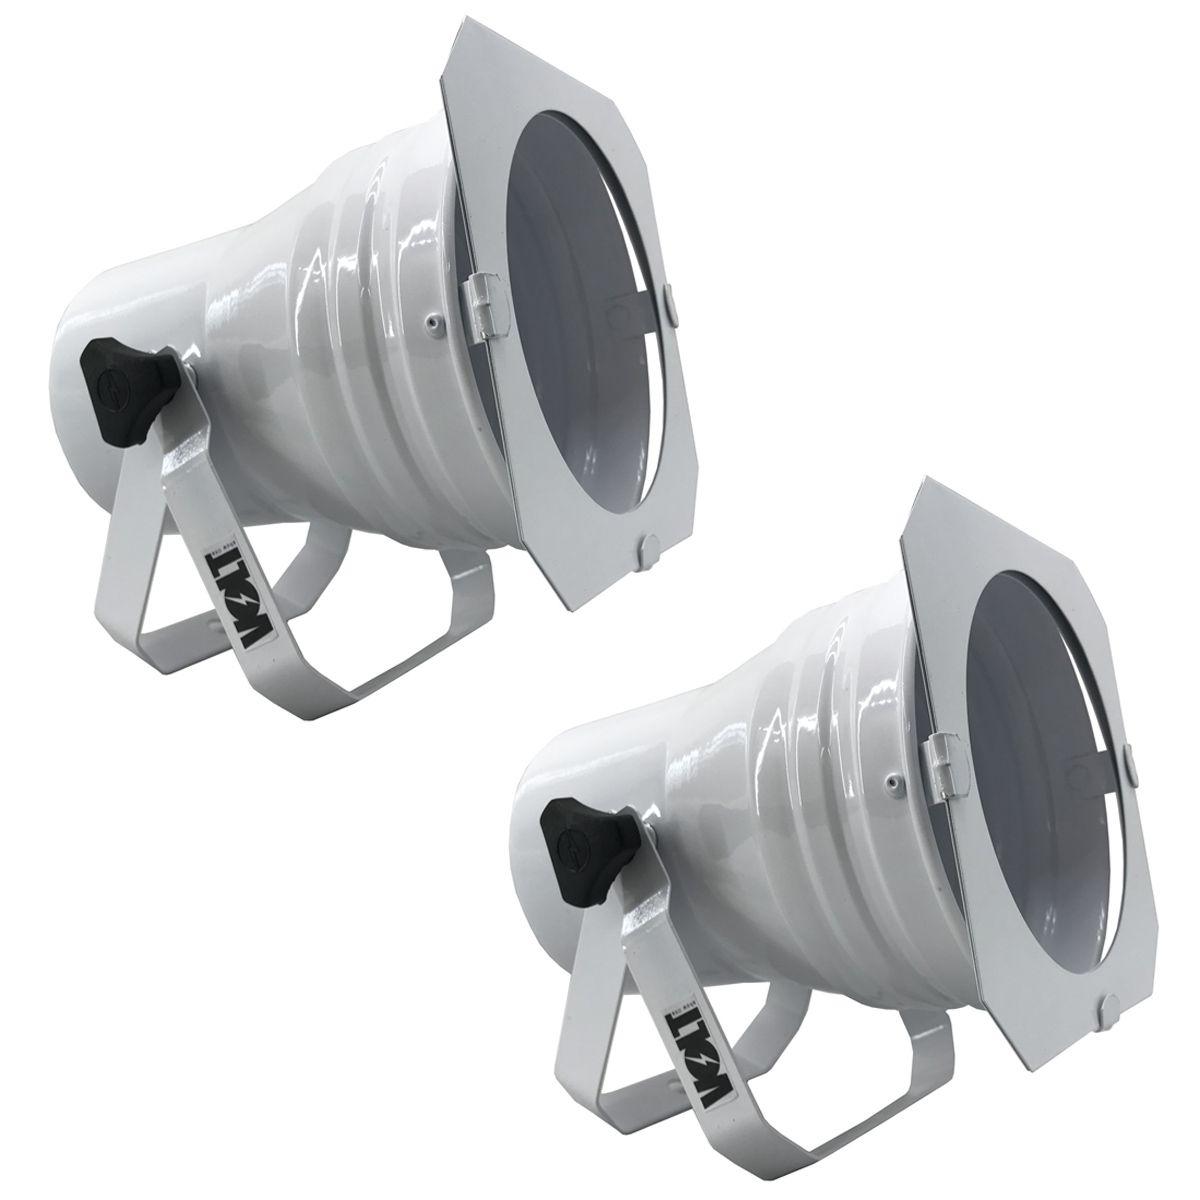 Kit 2 Unidades - Canhão Spot Par 38 Branco Alça Dupla - Volt  - RS Som e Luz!